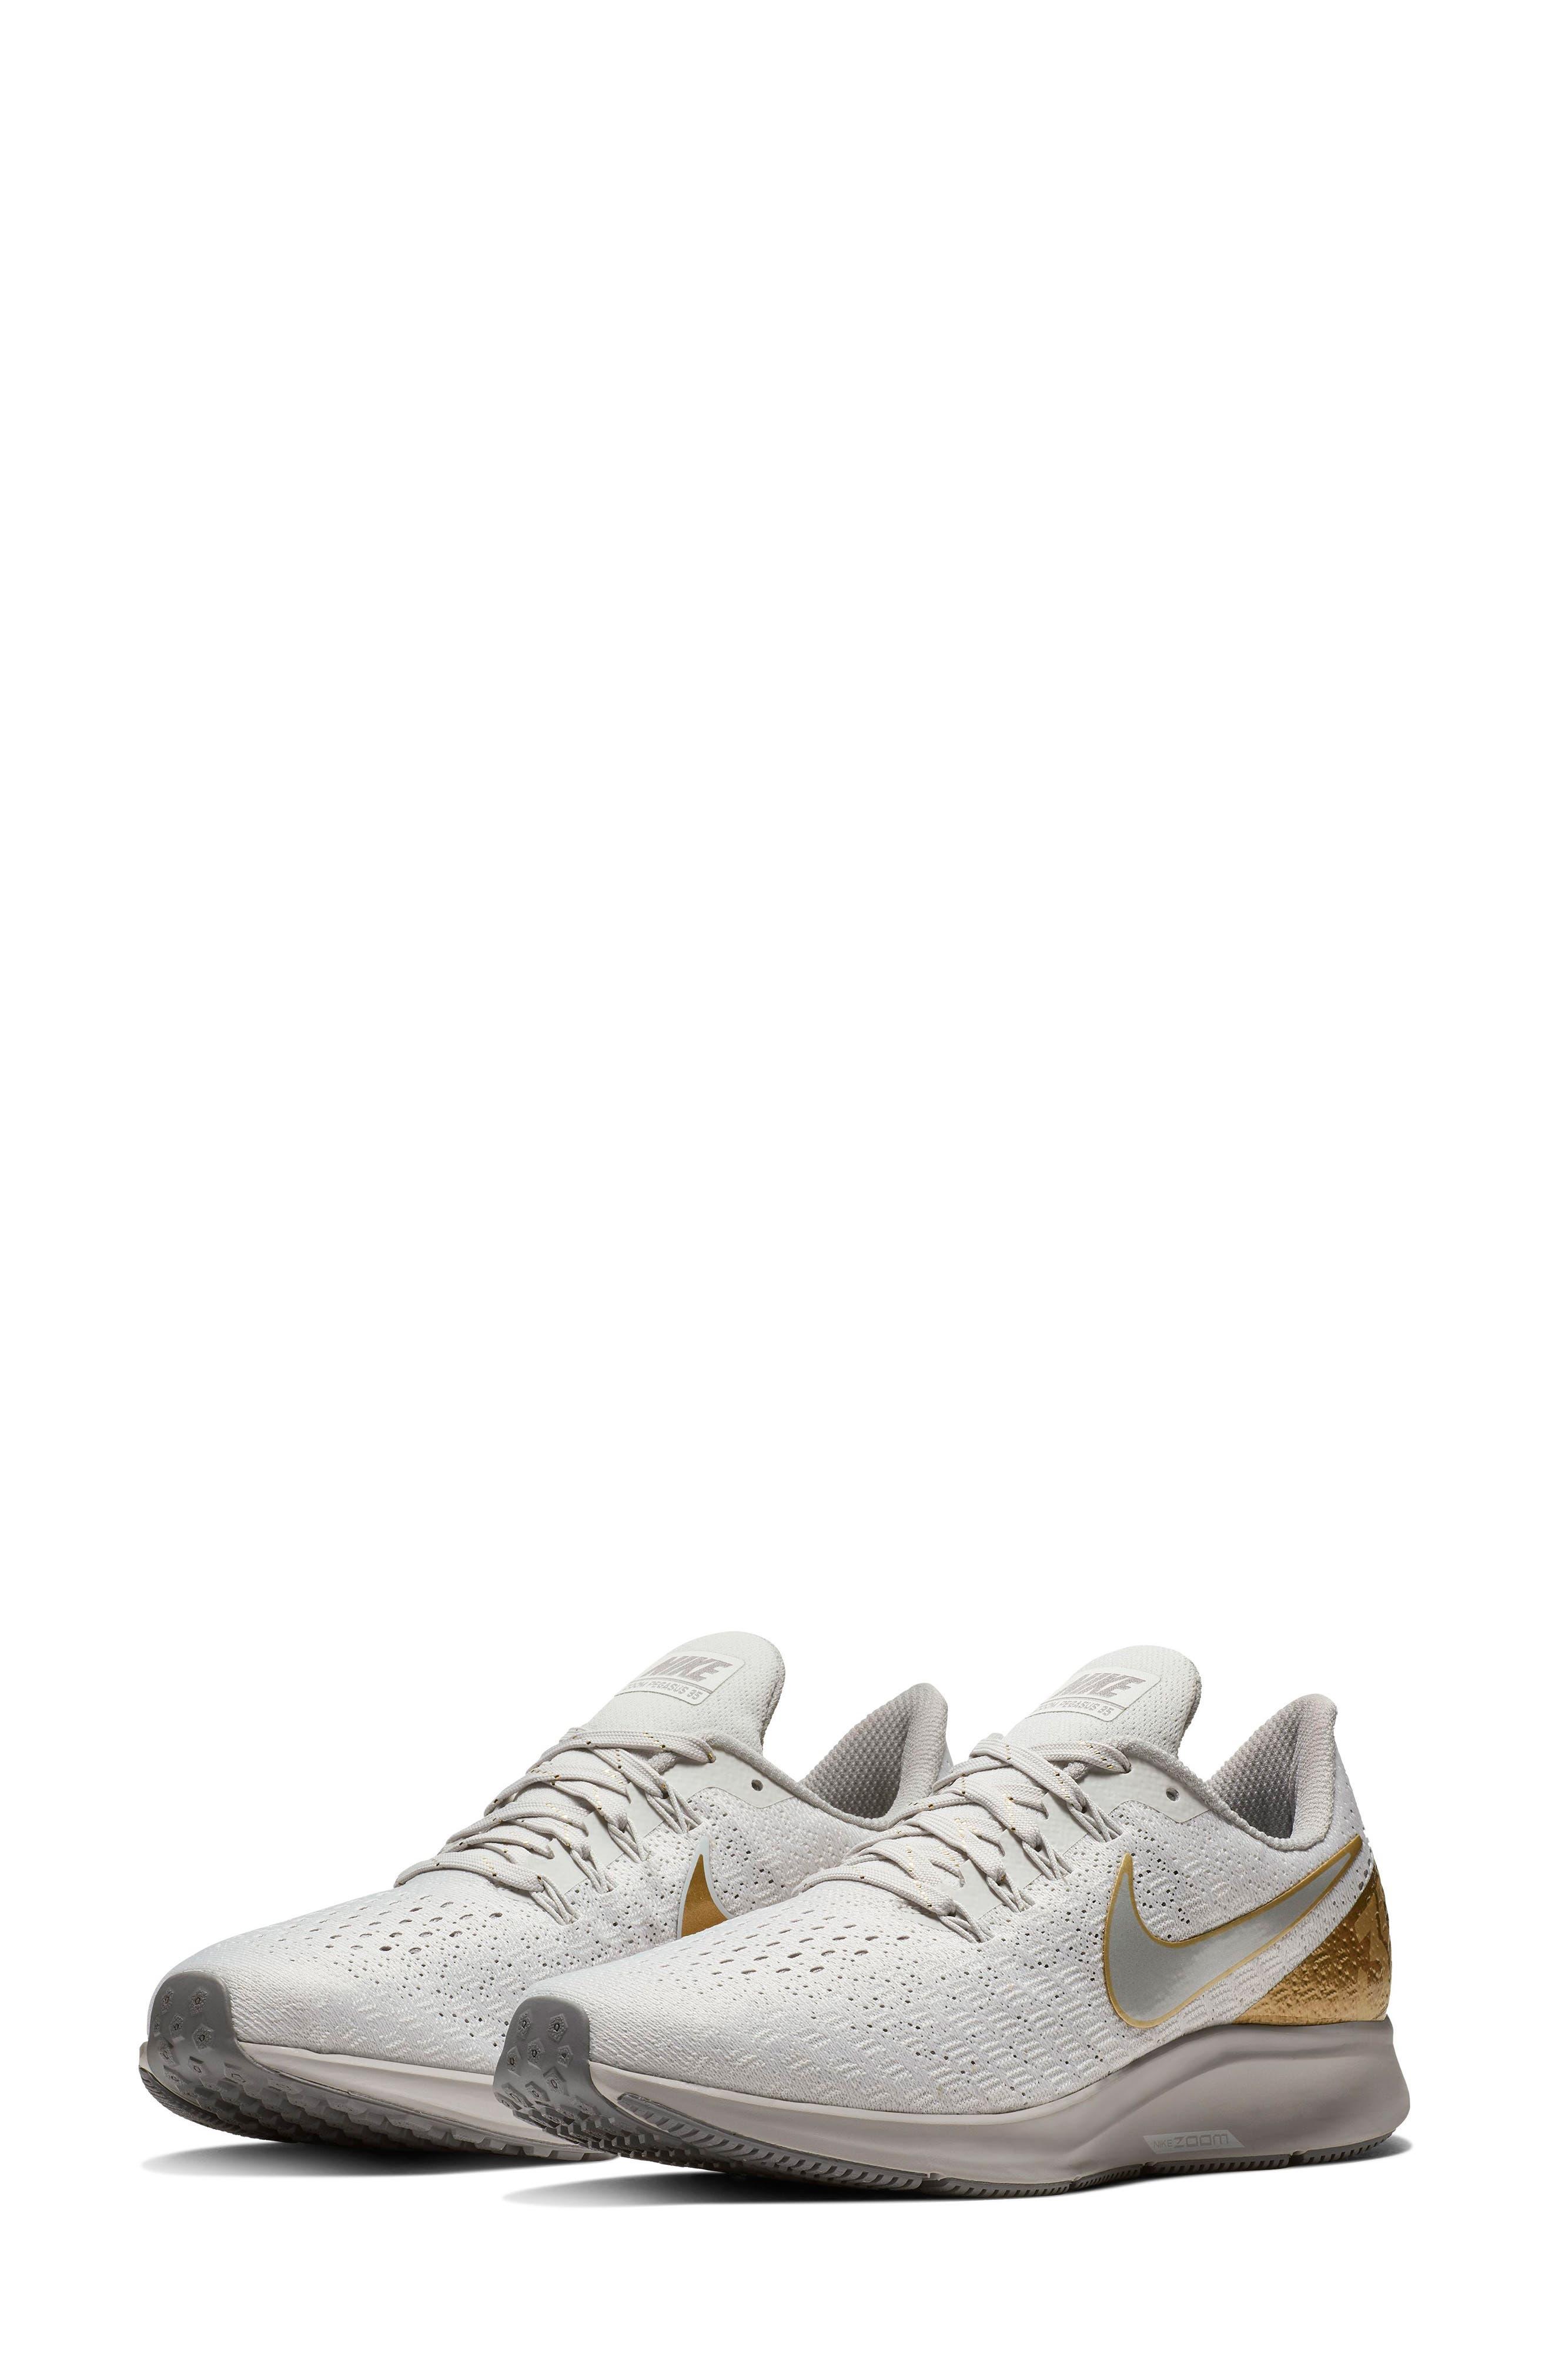 Air Zoom Pegasus 35 Premium Running Shoe,                             Main thumbnail 1, color,                             022